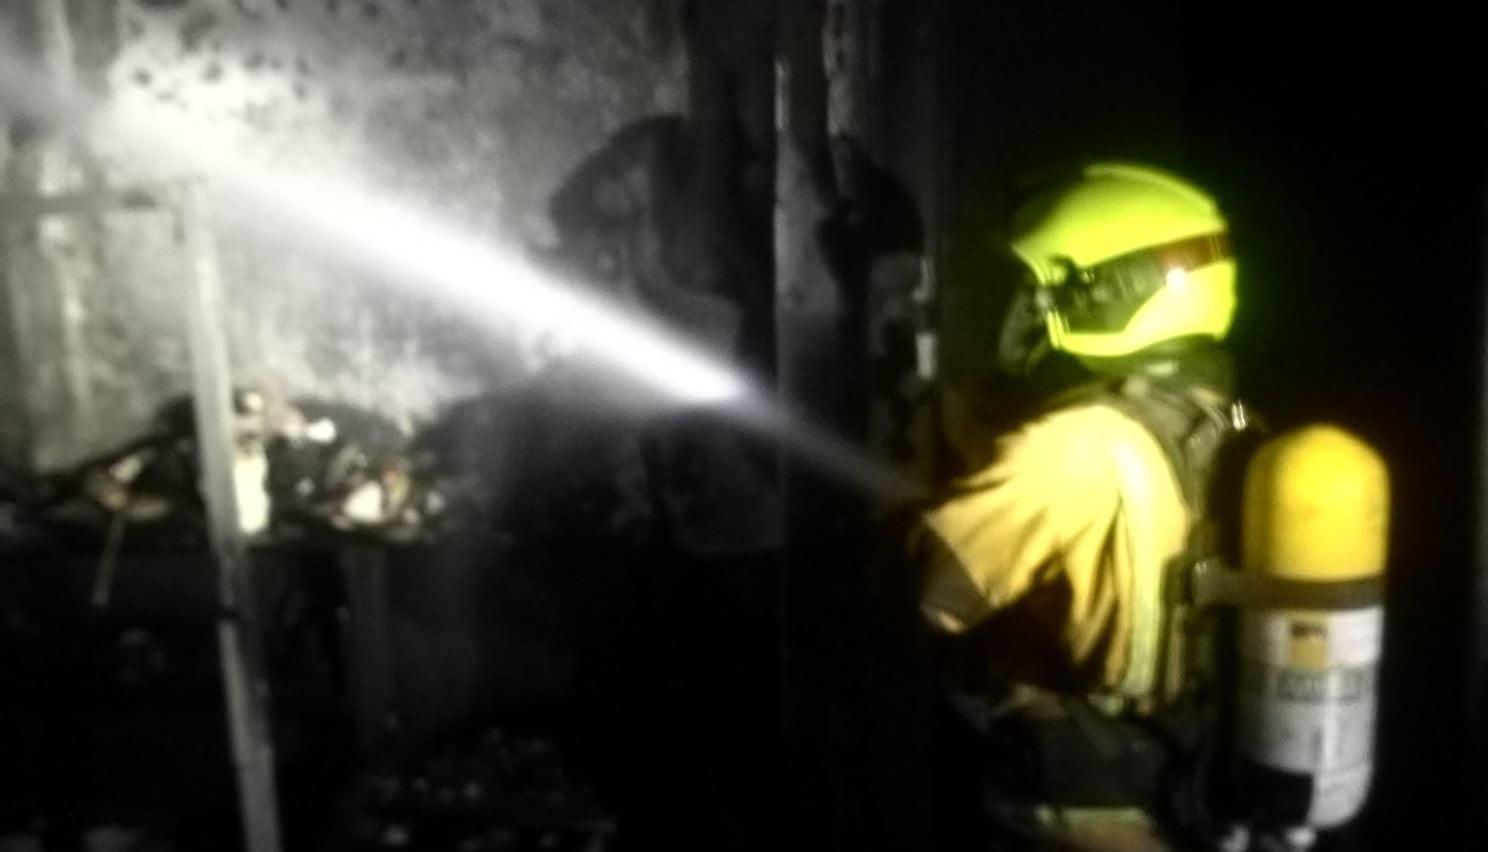 Incendio en Gata